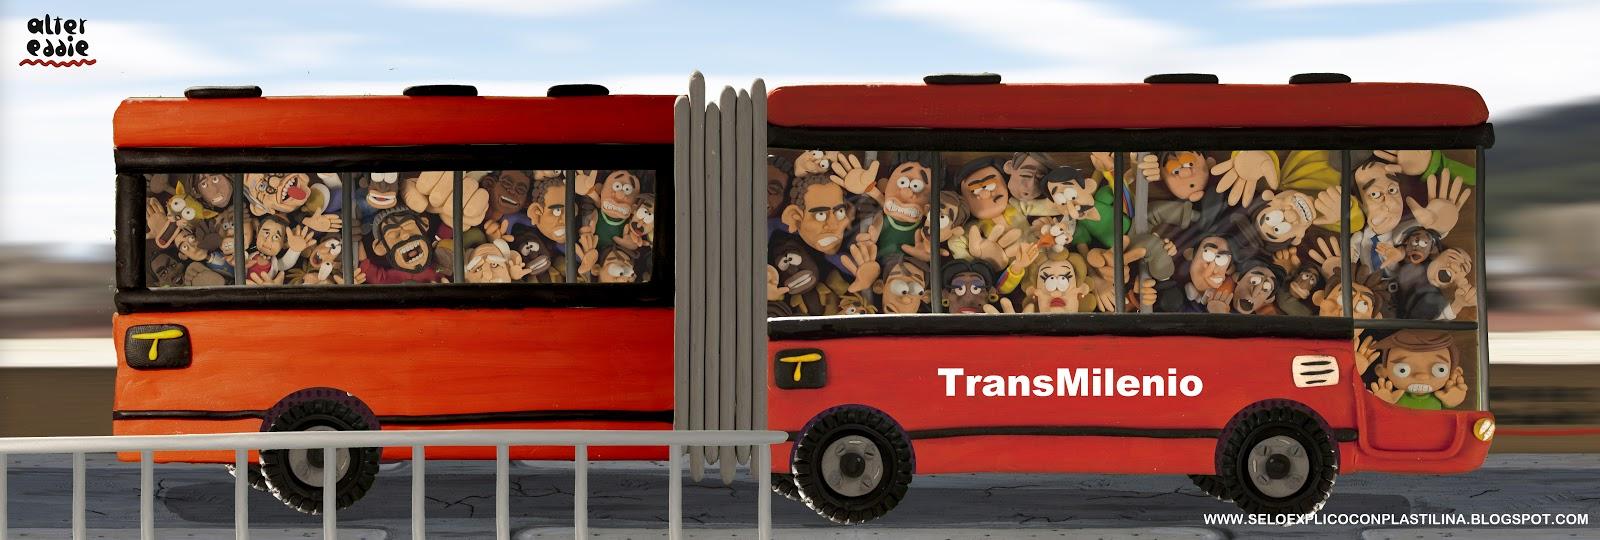 #TransMilenio Recauda $5 mil millones por día y no le alcanza